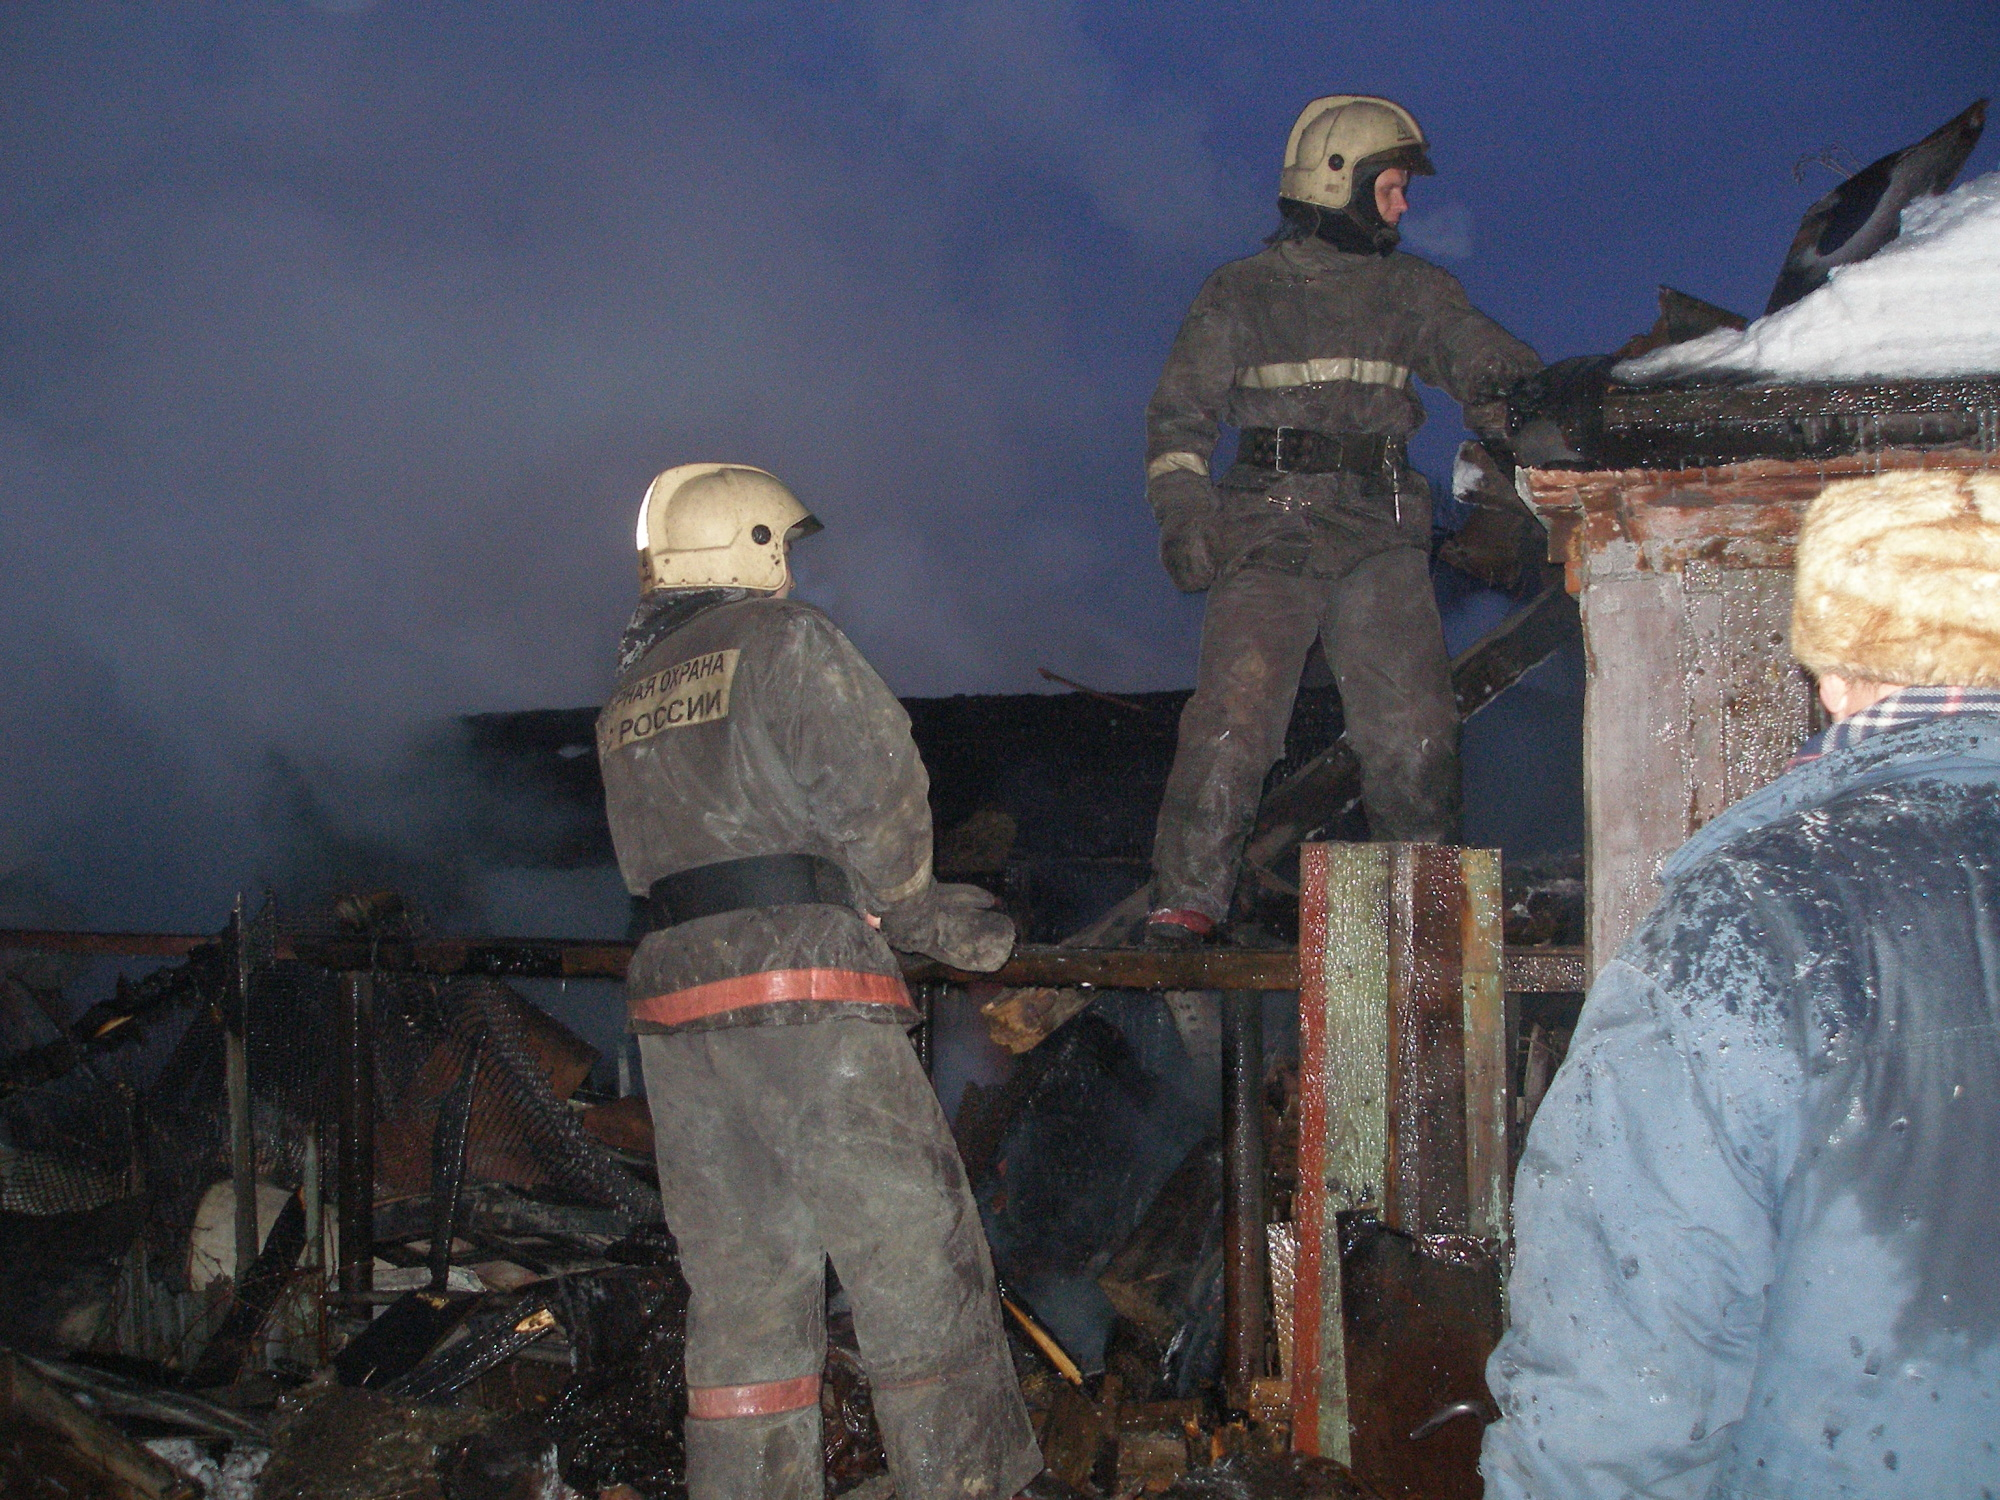 Спасатели МЧС России ликвидировали пожар в муниципальном многоквартирном жилом доме в п.г.т. Тяжинский